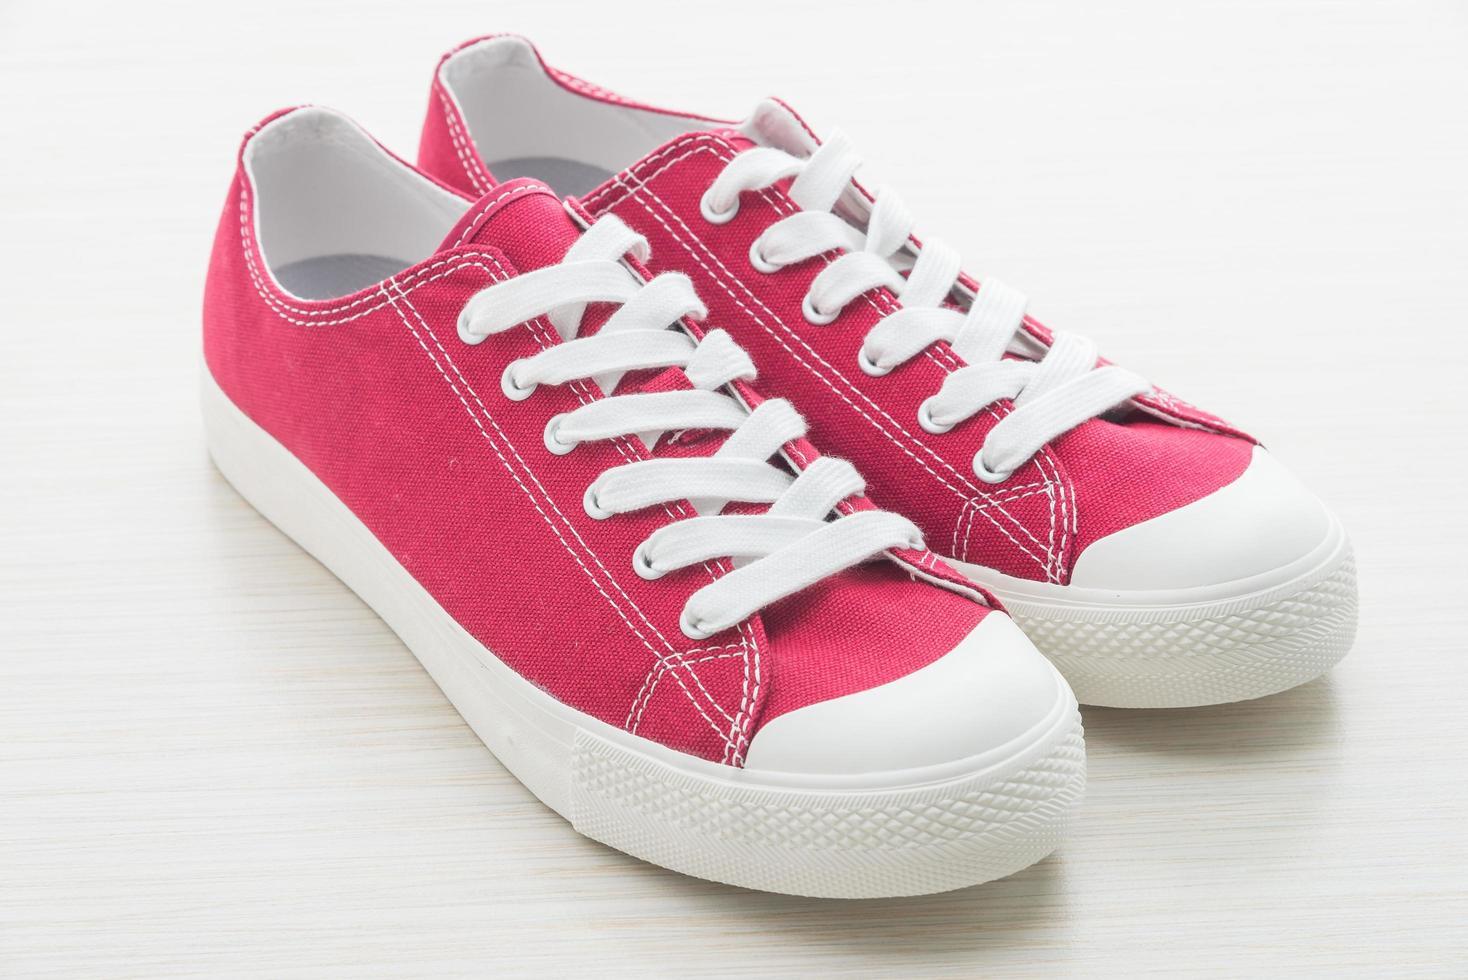 rode schoenen op witte achtergrond foto